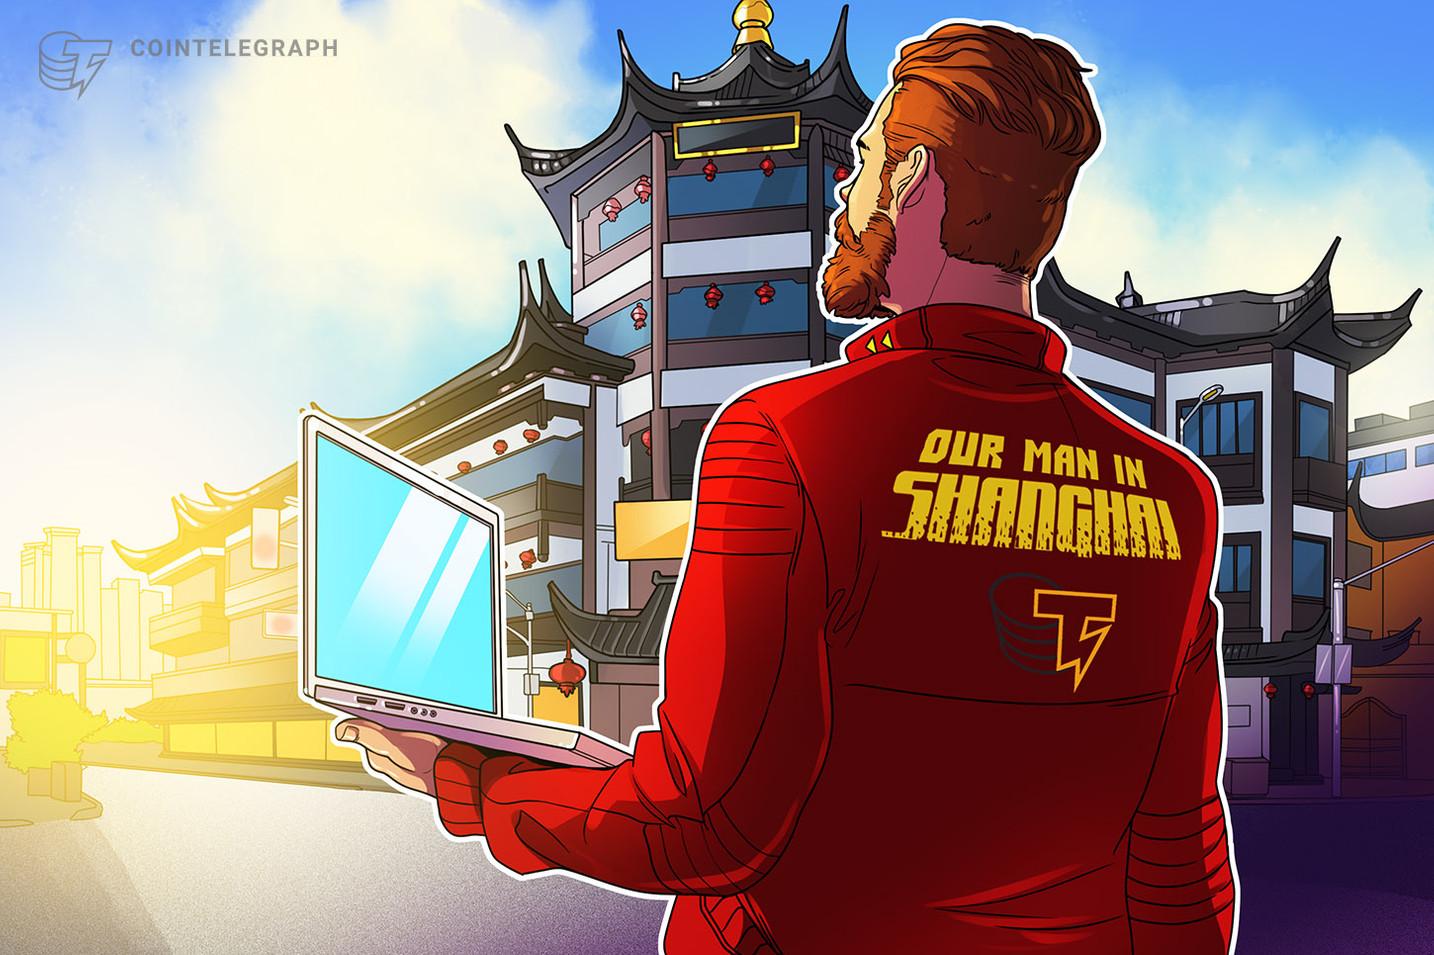 Shanghai Man: Kryptomedia stenger, dårlige nyheter bare gjentas, gruvedriftlover er fordelaktige?